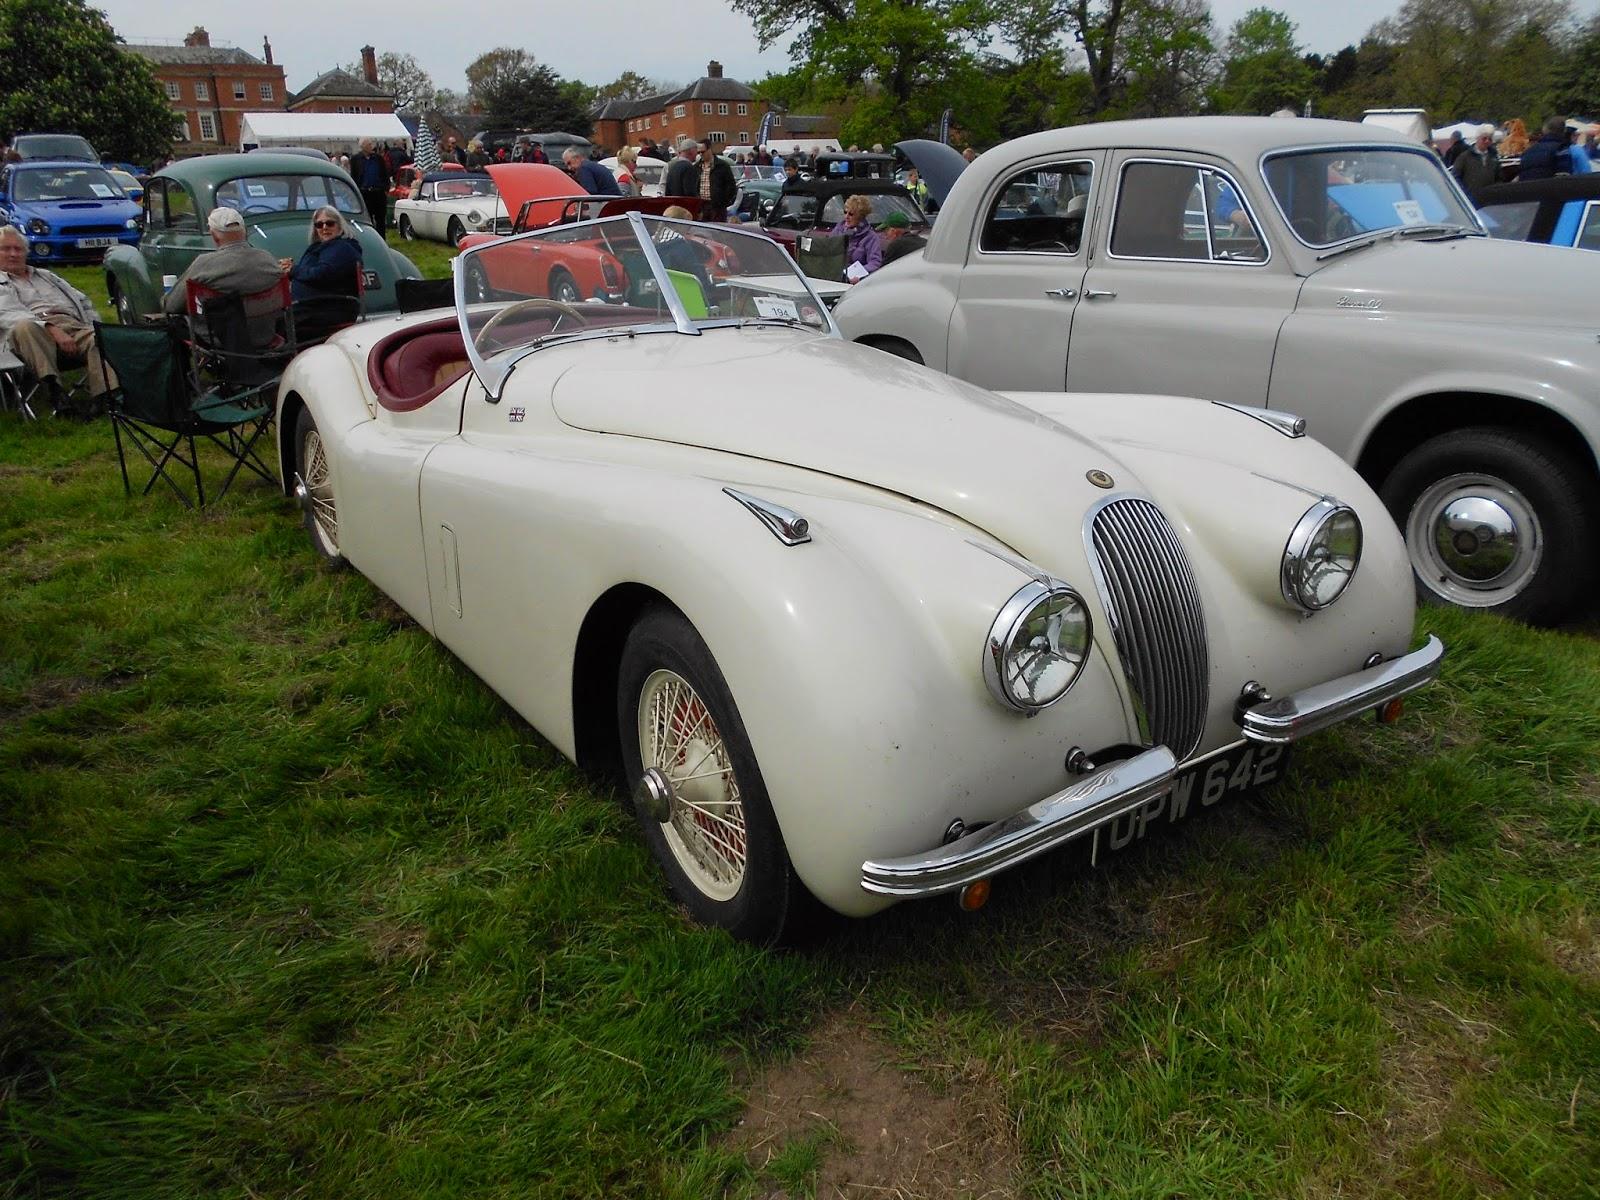 Earsham Hall Car Show